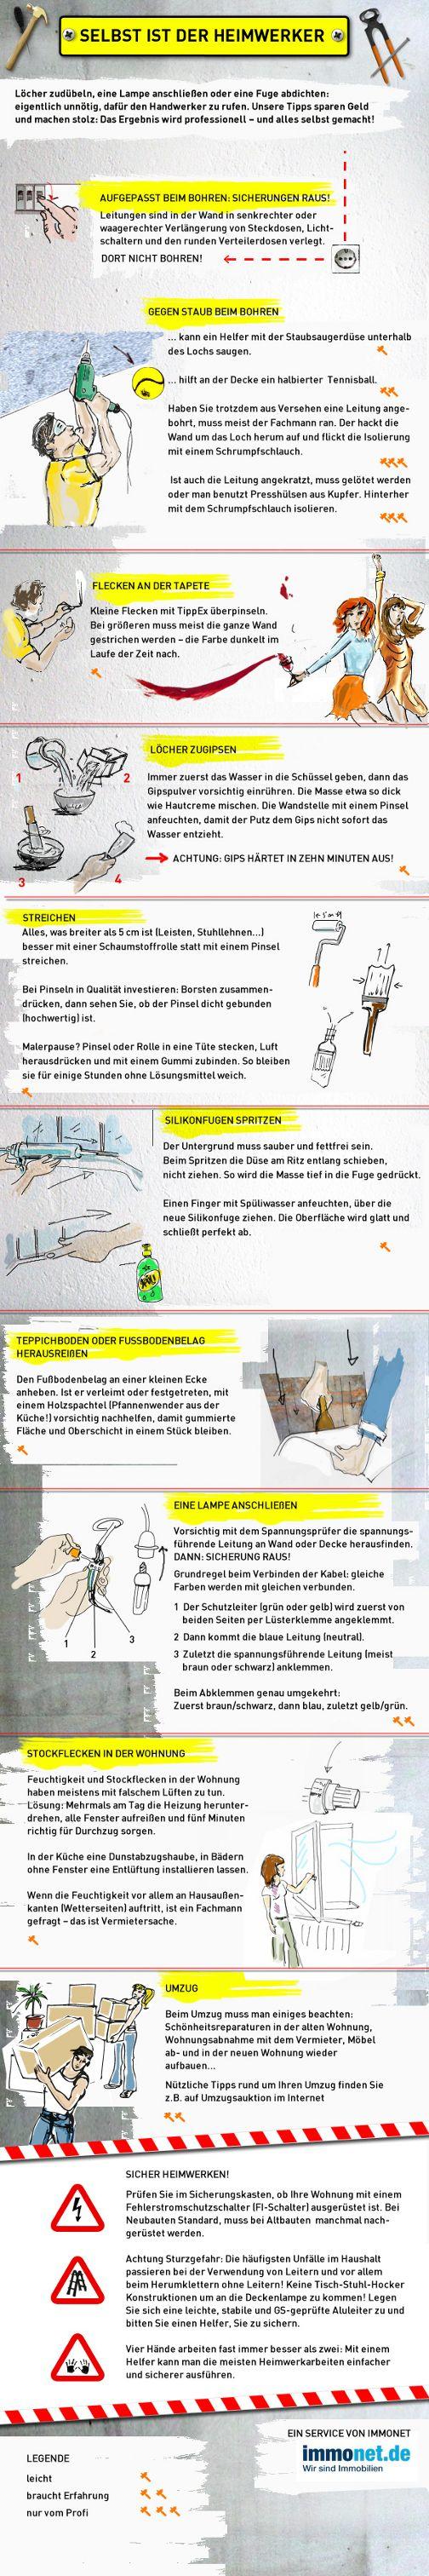 Tipps für Heimwerker: http://www.immonet.de/service/tipps-fuer-heimwerker.html #immonet hat die Tipps